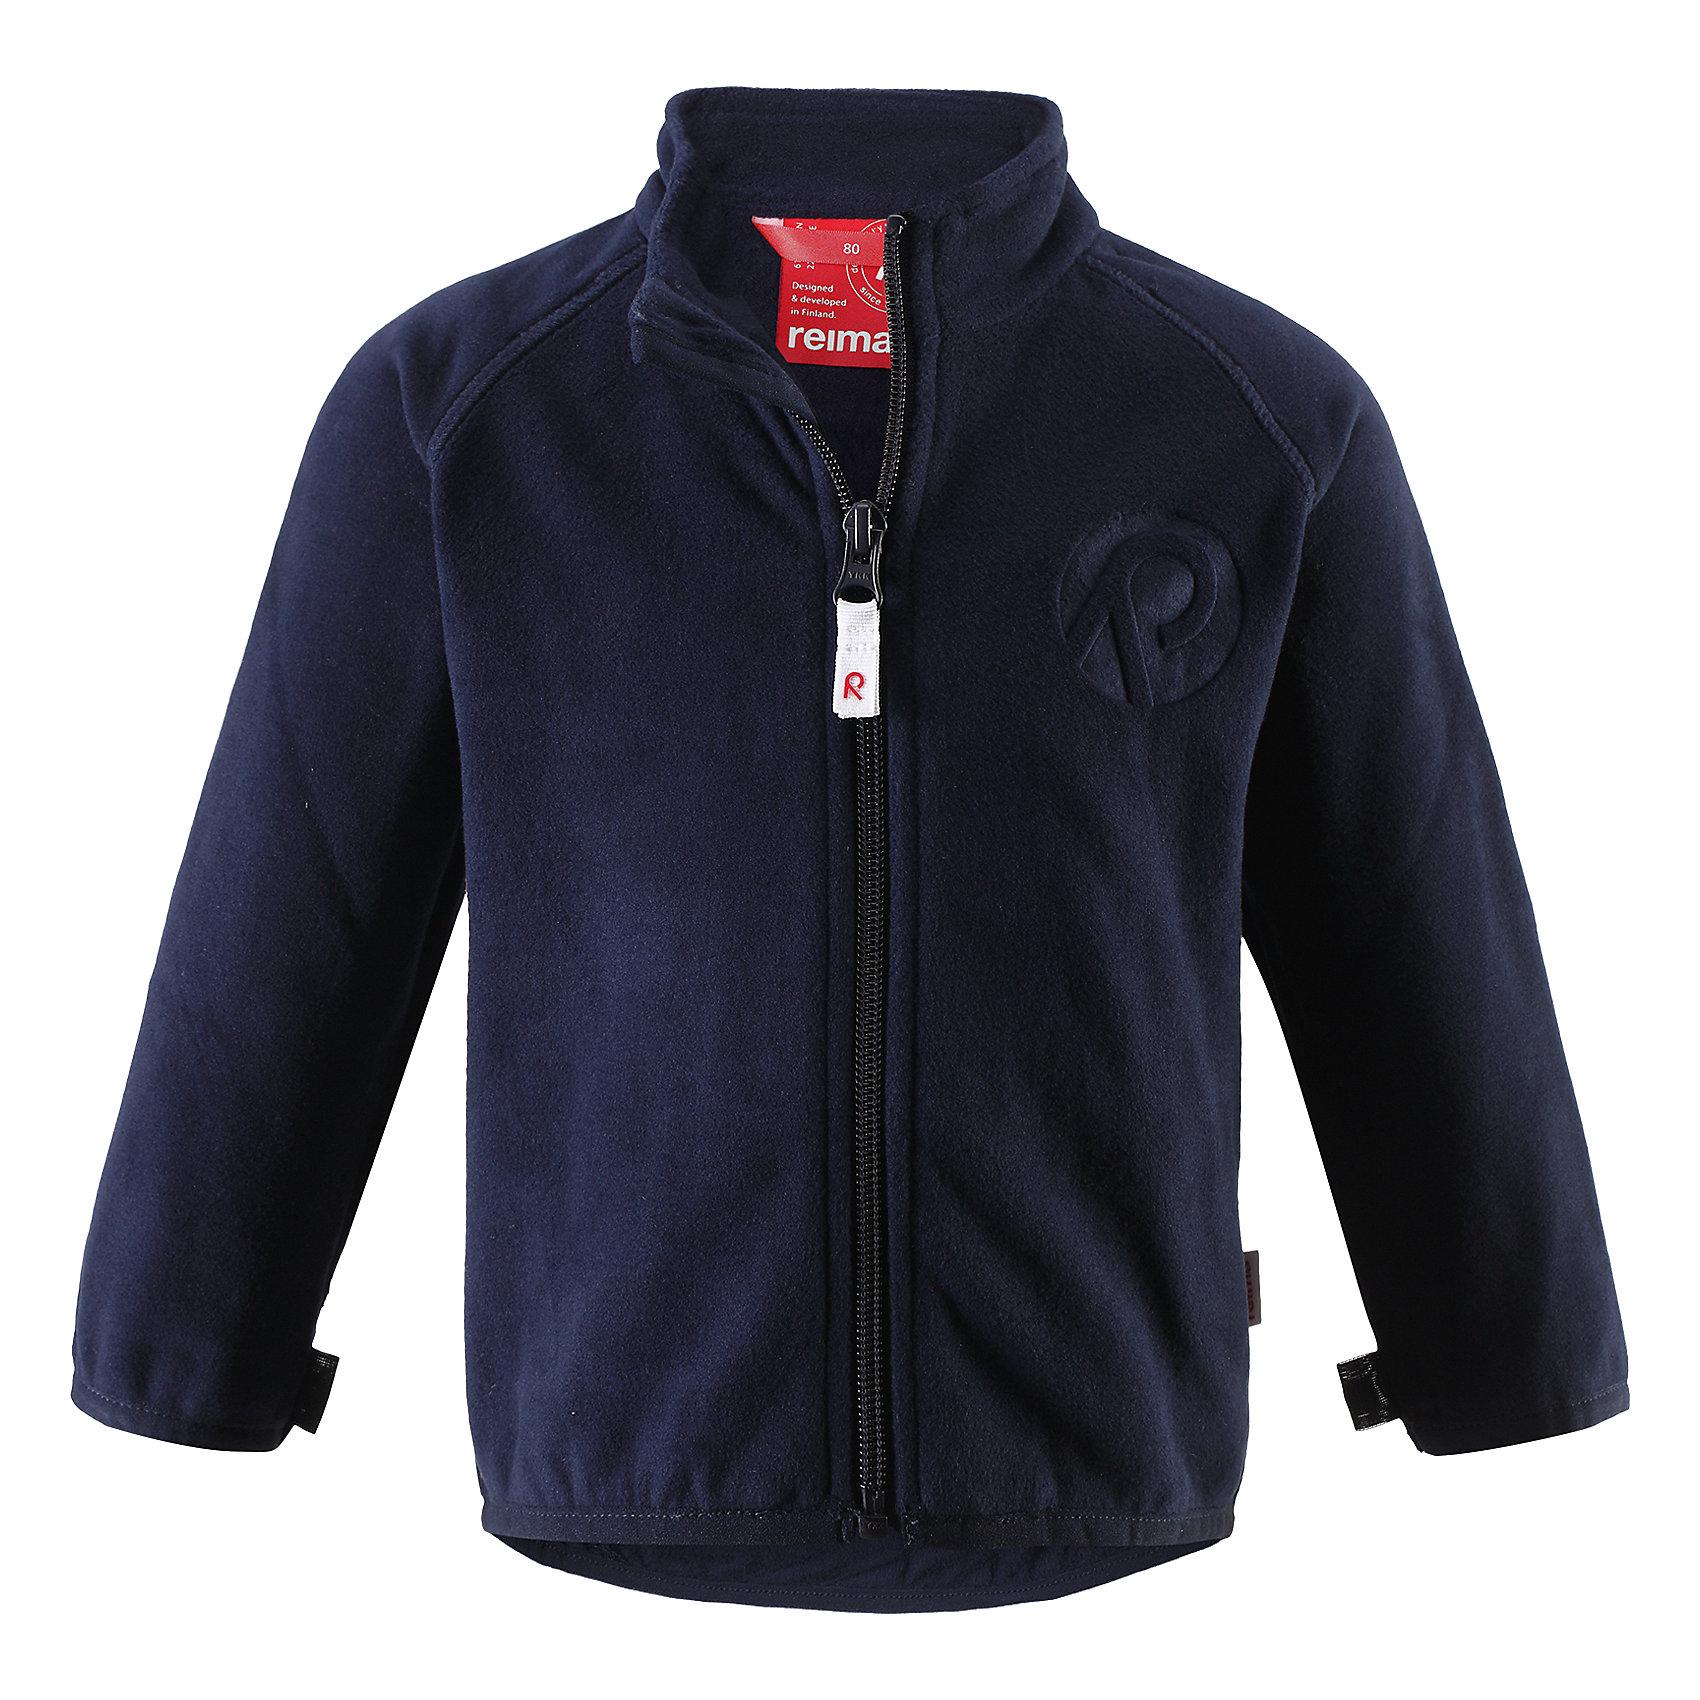 Куртка флисовая Nuoto ReimaХарактеристики товара:<br><br>• цвет: тёмно-синий<br>• состав: 100% полиэстер, флис<br>• тёплый, лёгкий и быстросохнущий полярный флис<br>• пристёгивается к верхней одежде Reima с помощью системы кнопок Play Layers<br>• эластичные манжеты и подол<br>• молния во всю длину со вставкой для защиты подбородка<br>• модель с горячим тиснением<br>• комфортная посадка<br>• страна производства: Китай<br>• страна бренда: Финляндия<br>• коллекция: весна-лето 2017<br><br>Одежда для детей может быть модной и комфортной одновременно! Удобная курточка поможет обеспечить ребенку комфорт и тепло. Изделие сшито из флиса - мягкого и теплого материала, приятного на ощупь. Модель стильно смотрится, отлично сочетается с различным низом. Стильный дизайн разрабатывался специально для детей.<br><br>Одежда и обувь от финского бренда Reima пользуется популярностью во многих странах. Эти изделия стильные, качественные и удобные. Для производства продукции используются только безопасные, проверенные материалы и фурнитура. Порадуйте ребенка модными и красивыми вещами от Reima! <br><br>Куртку флисовую для мальчика от финского бренда Reima (Рейма) можно купить в нашем интернет-магазине.<br><br>Ширина мм: 356<br>Глубина мм: 10<br>Высота мм: 245<br>Вес г: 519<br>Цвет: синий<br>Возраст от месяцев: 18<br>Возраст до месяцев: 24<br>Пол: Унисекс<br>Возраст: Детский<br>Размер: 92,74,98,86,80<br>SKU: 5271271